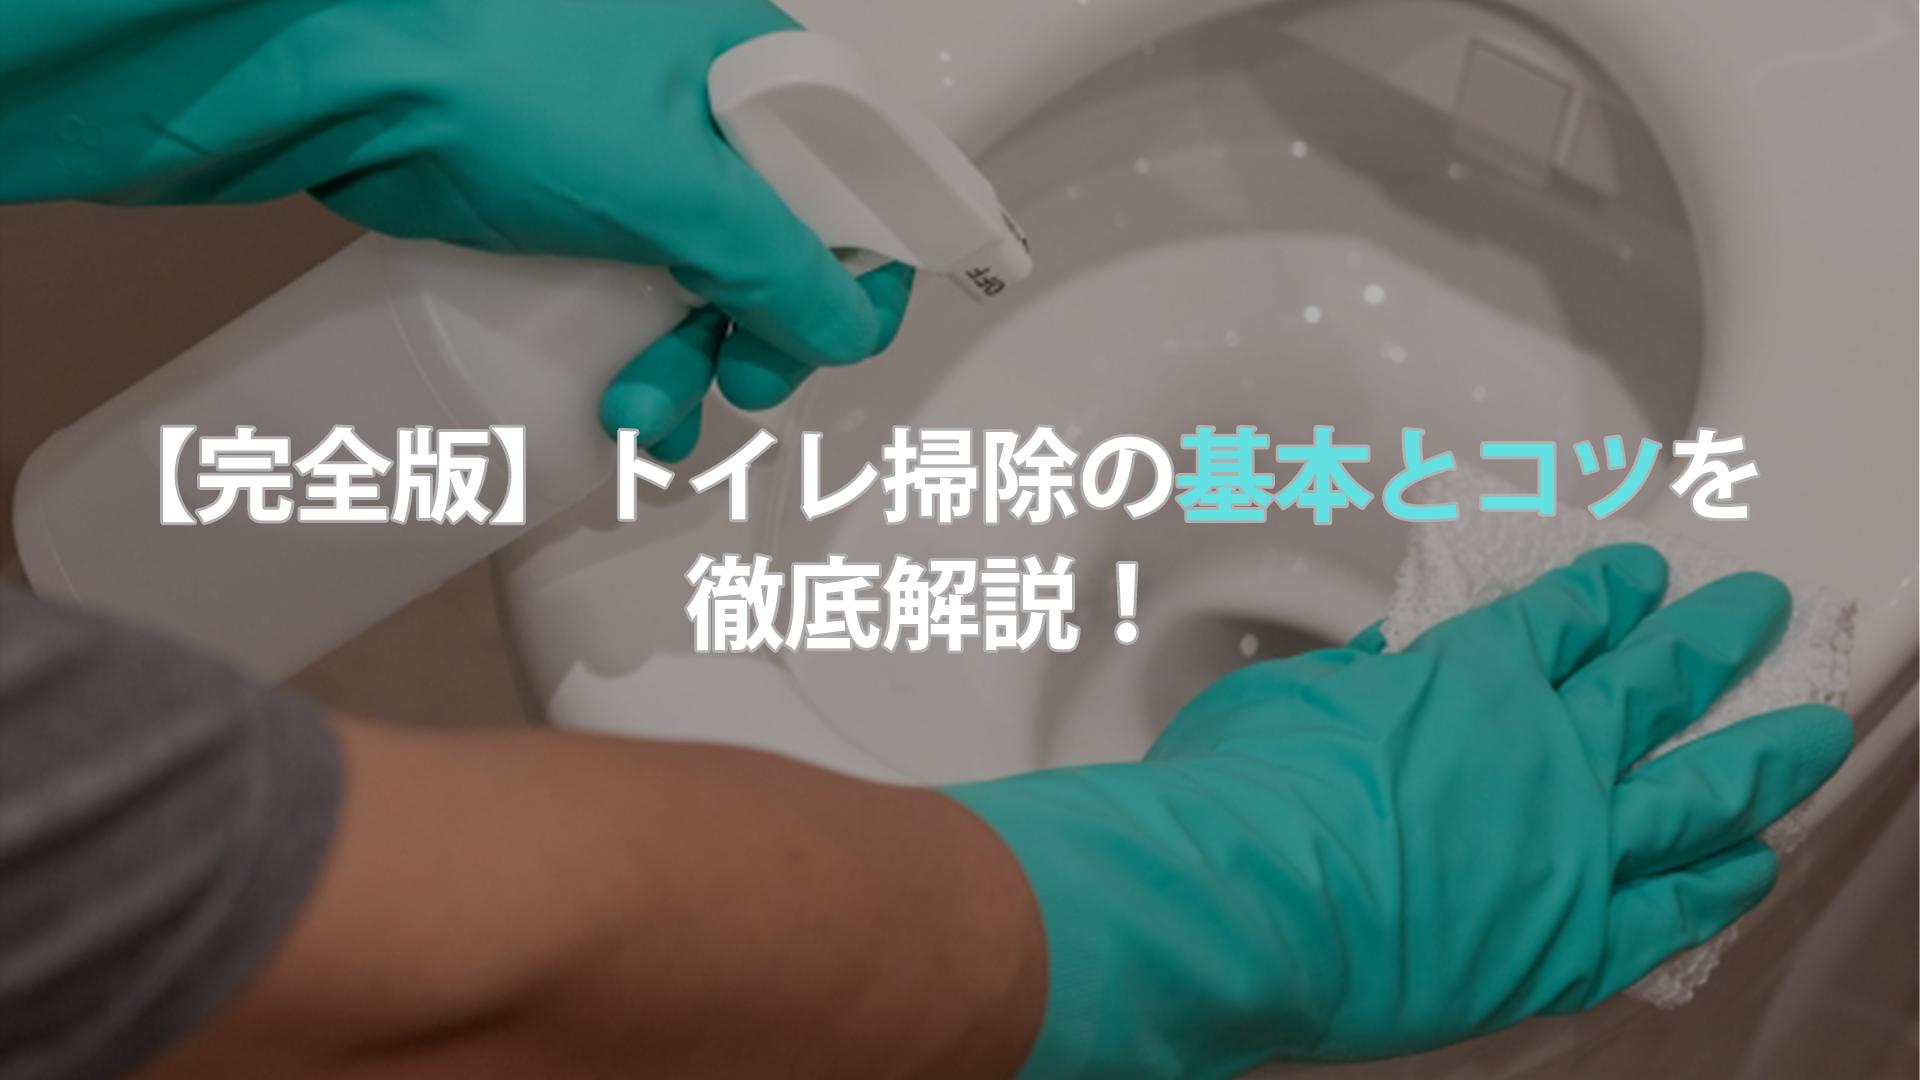 【完全版】トイレ掃除の基本とコツを徹底解説!